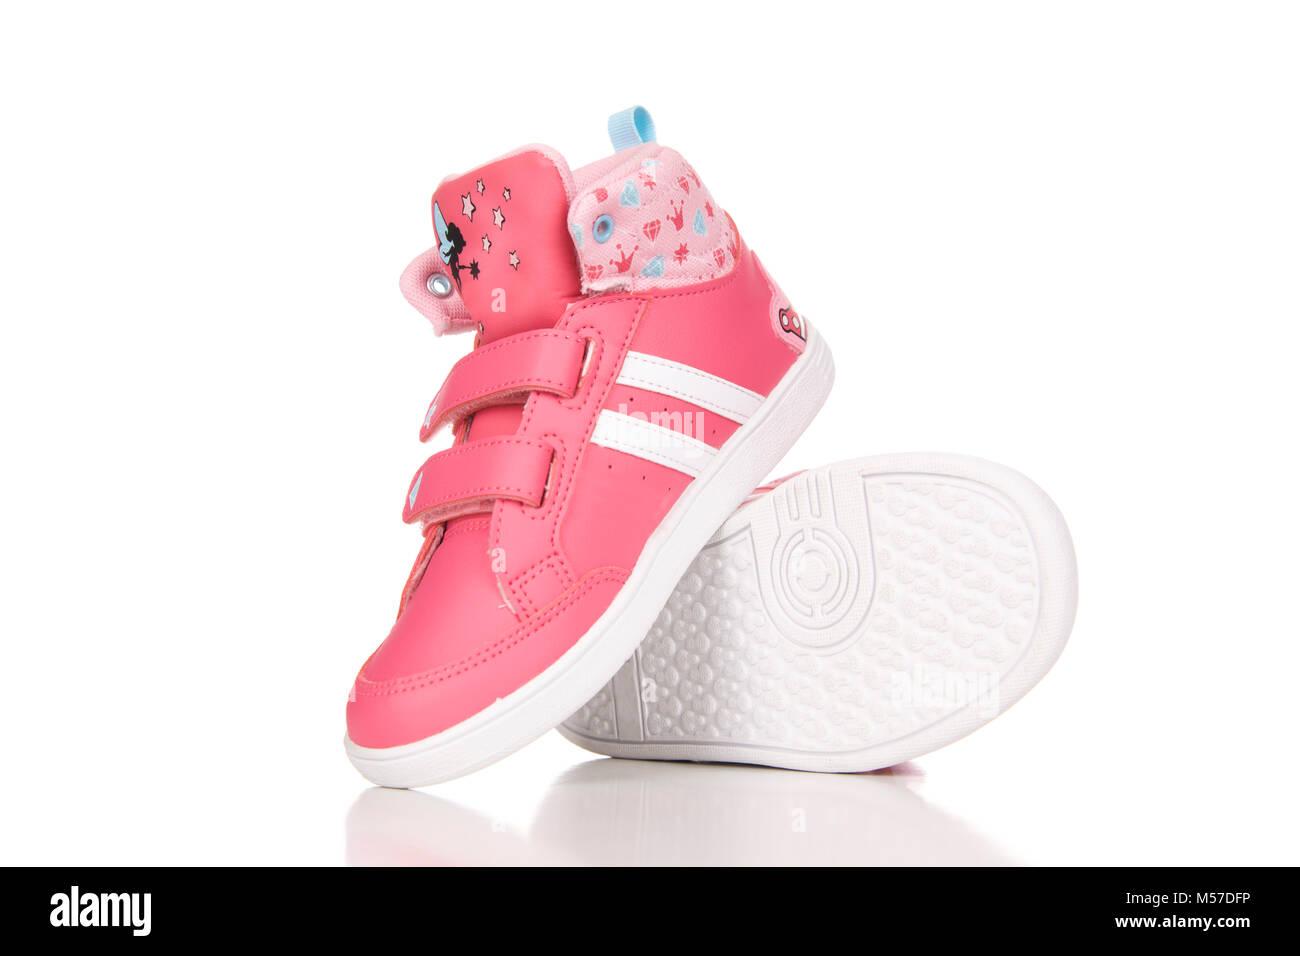 calzature Su Di Sfondo Per Sportive Rosa Coppia Scarpe Bianco AxOqHwB